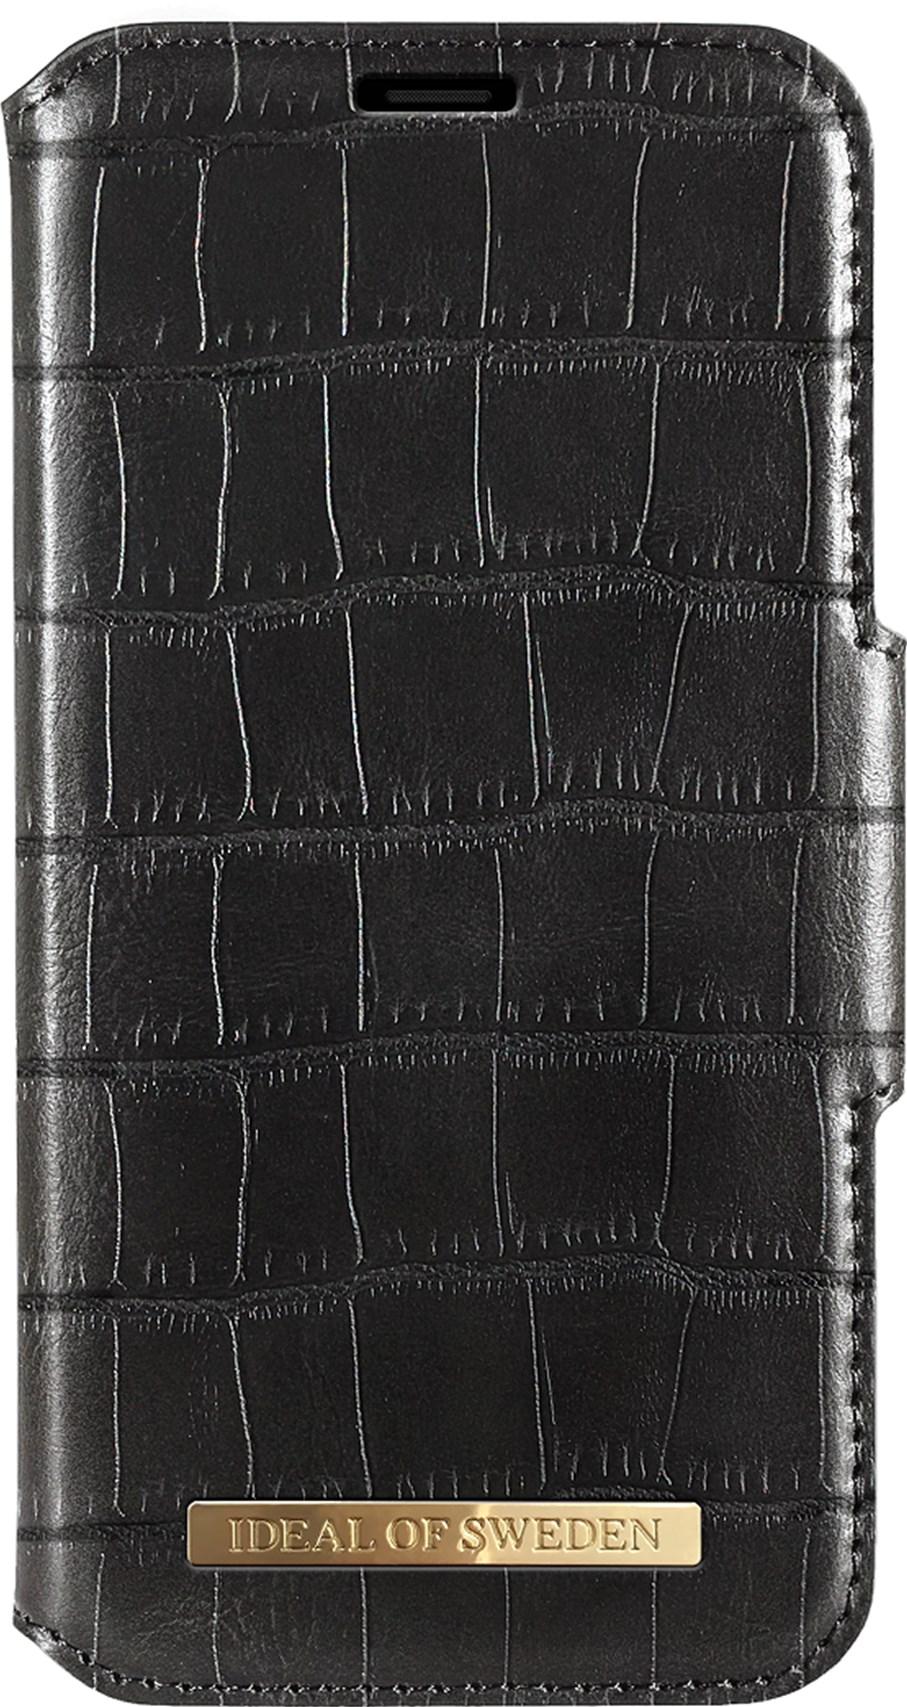 iDeal of Sweden Ideal Capri Wallet Samsung Galaxy S10 Black Croco